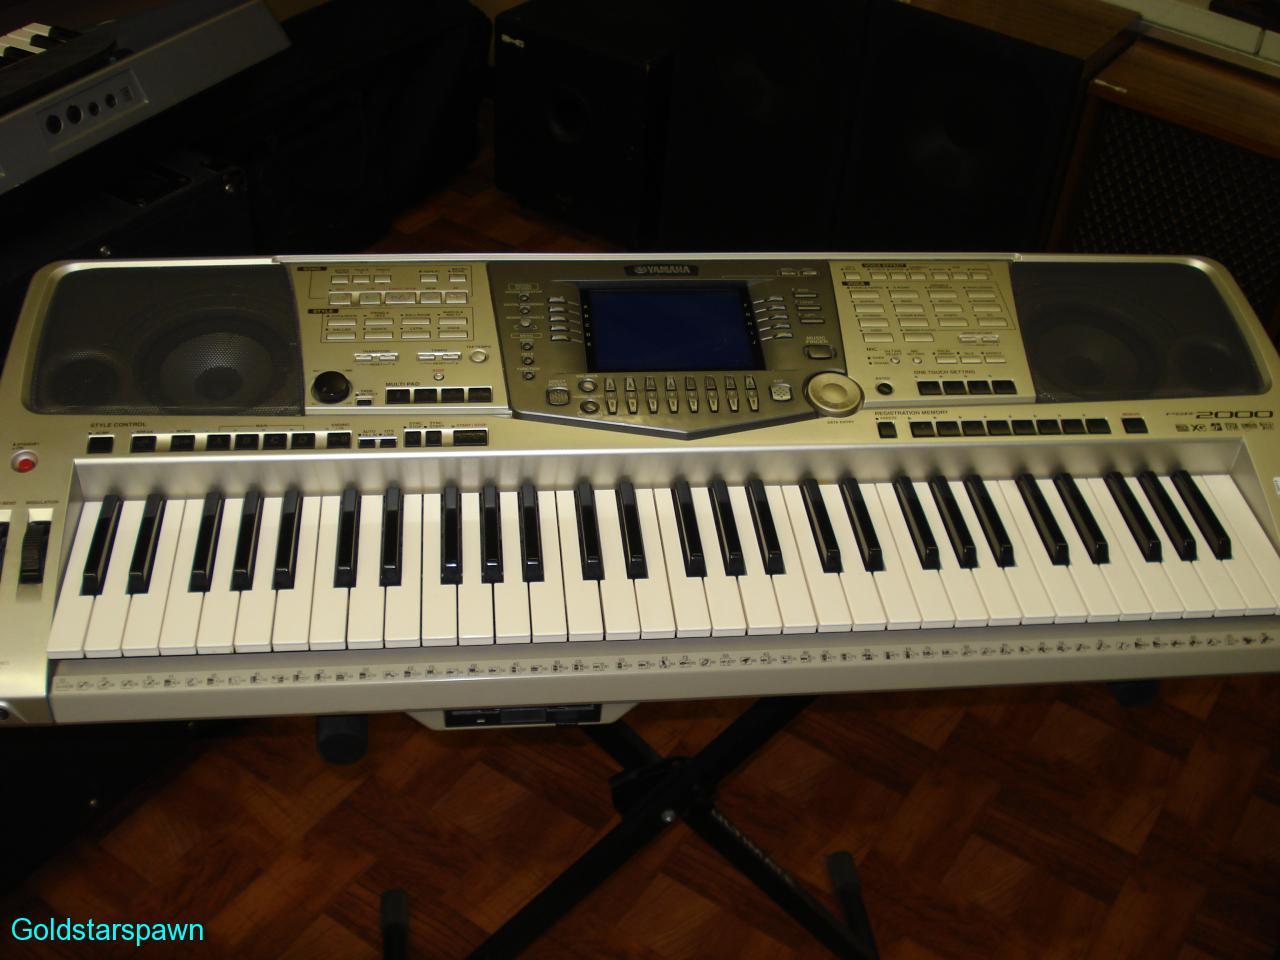 yamaha psr 2000 electronic 61 key keyboard workstation. Black Bedroom Furniture Sets. Home Design Ideas